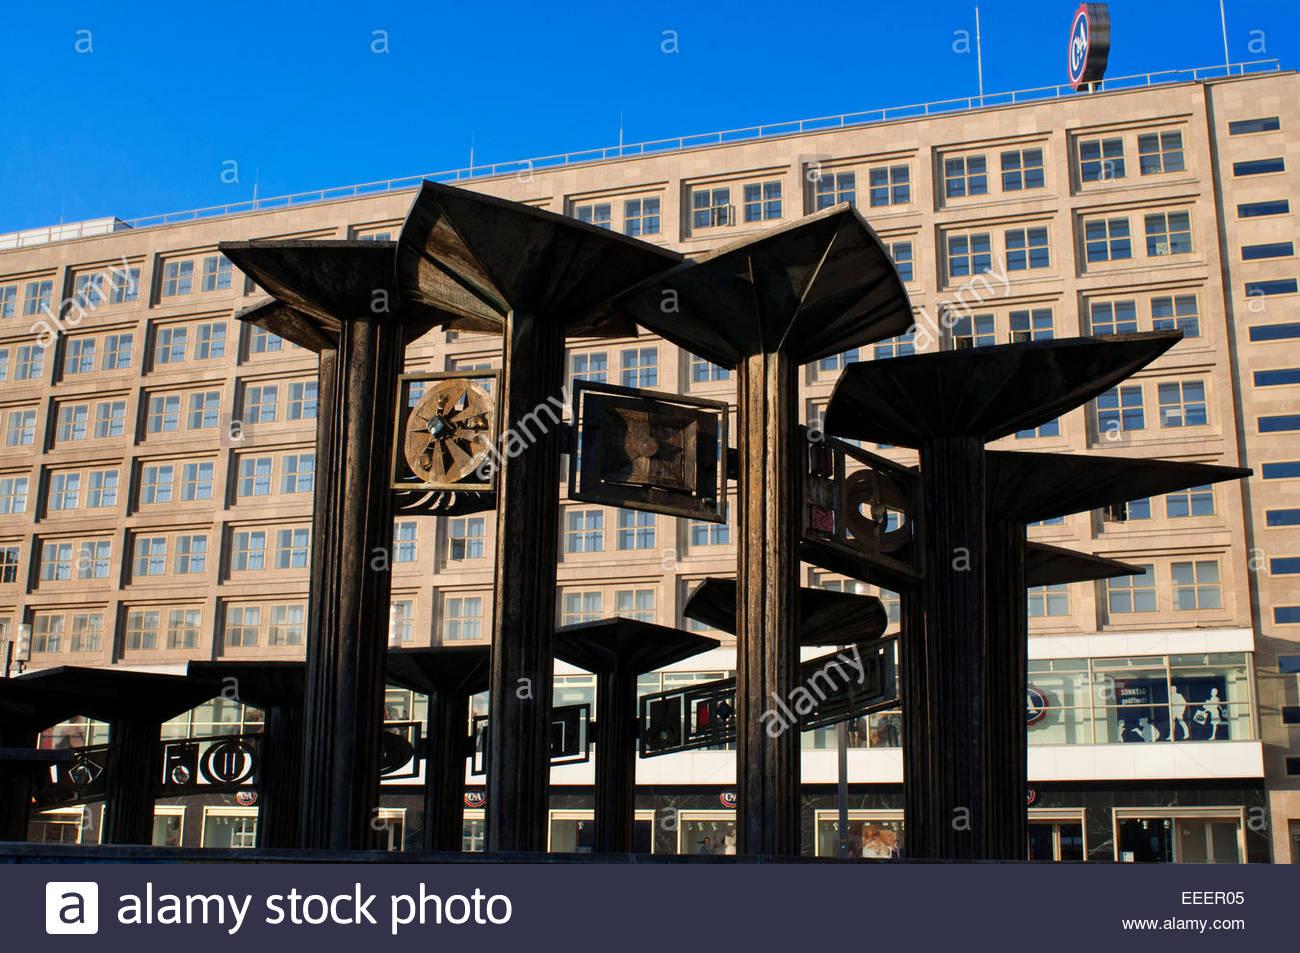 Berlin Alexanderplatz Brunnen nun sagt Speicher steht nie still Young. Stockbild